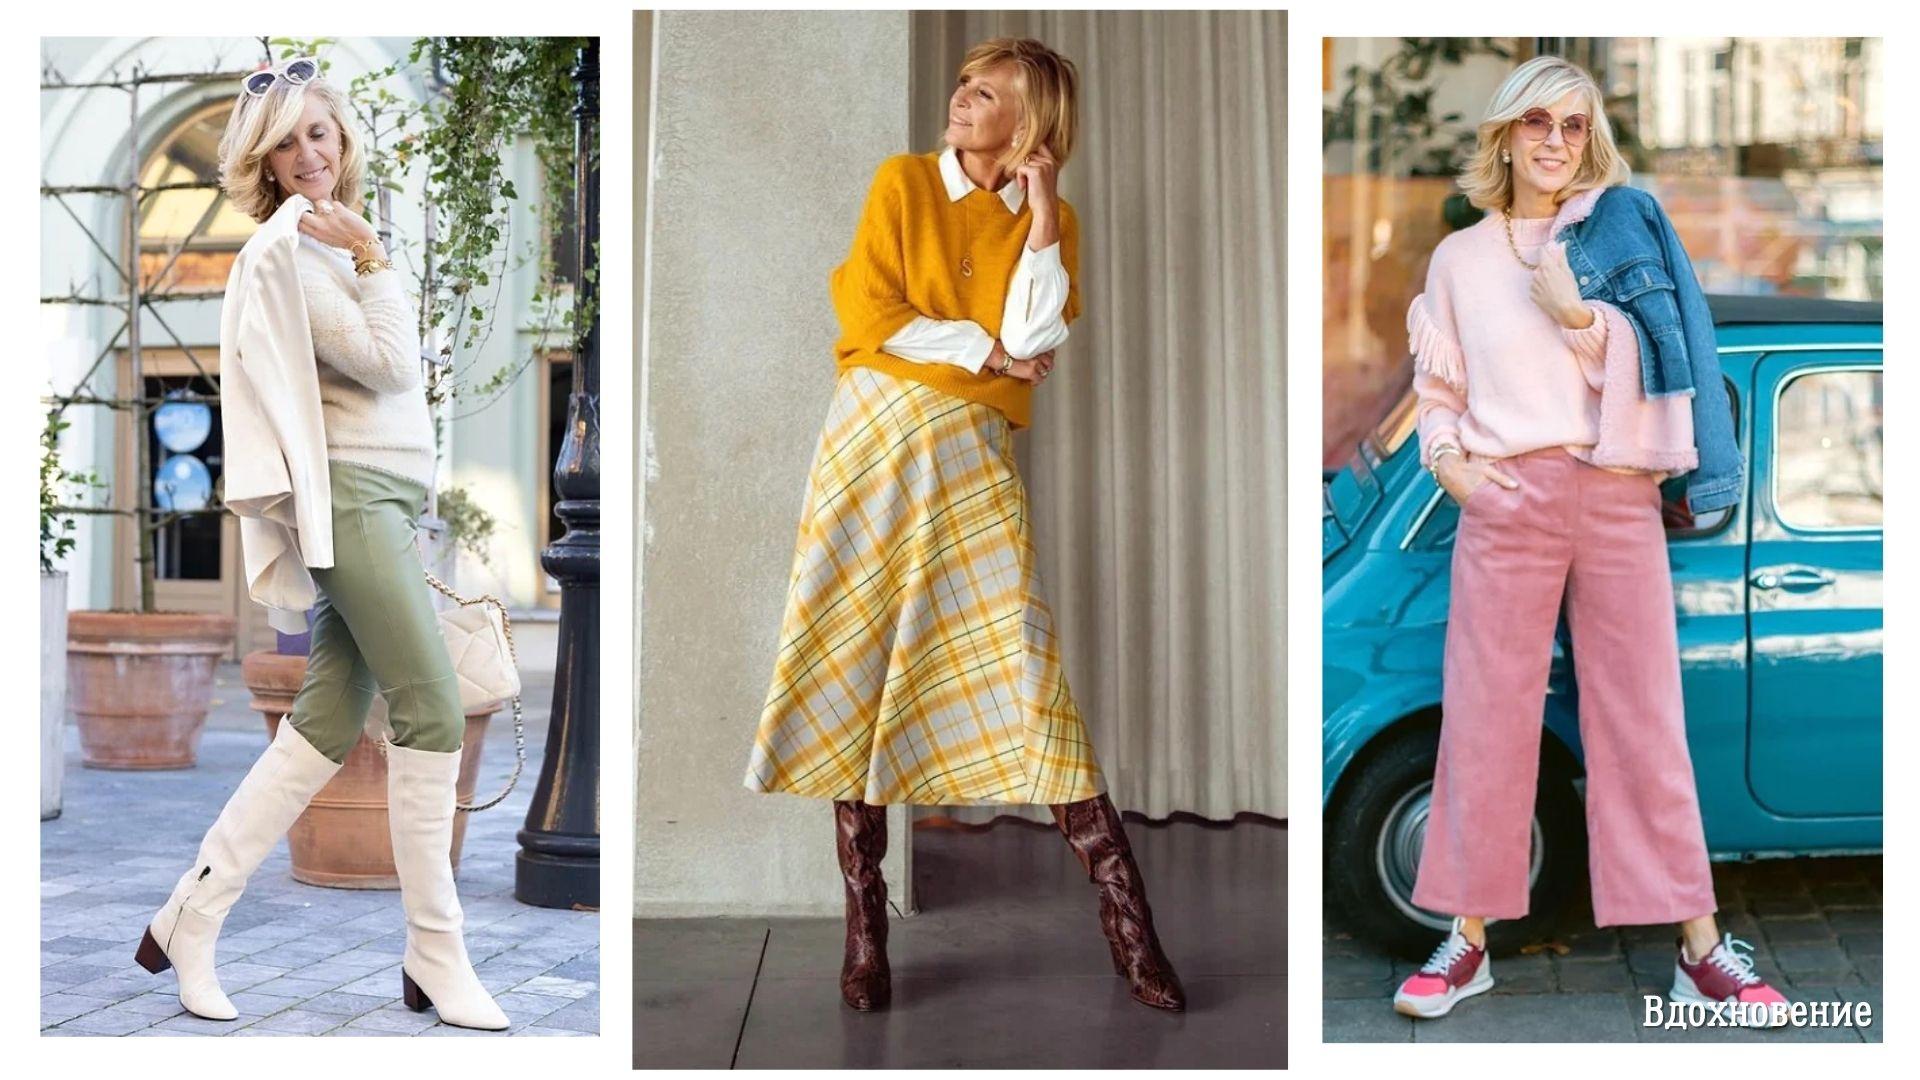 Как заставить одежду работать на себя: 9 идей, которые помогут омолодить образ